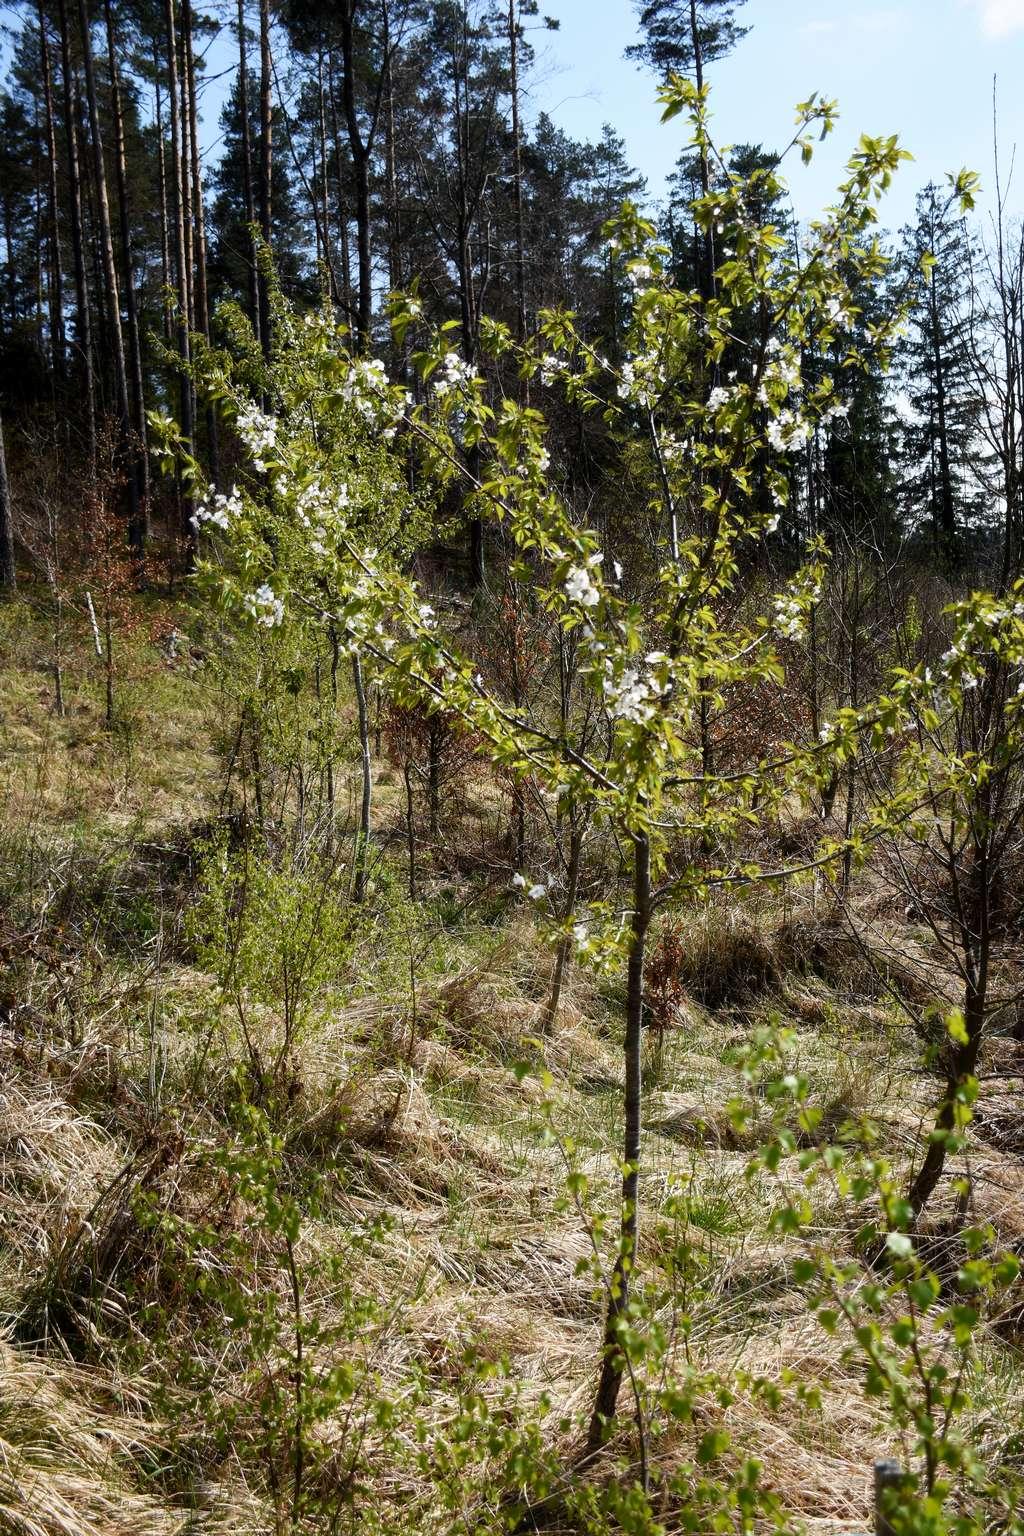 Die mit eingebrachten Baumarten kompensieren eventuelle Ausfälle bei den Kirschen.